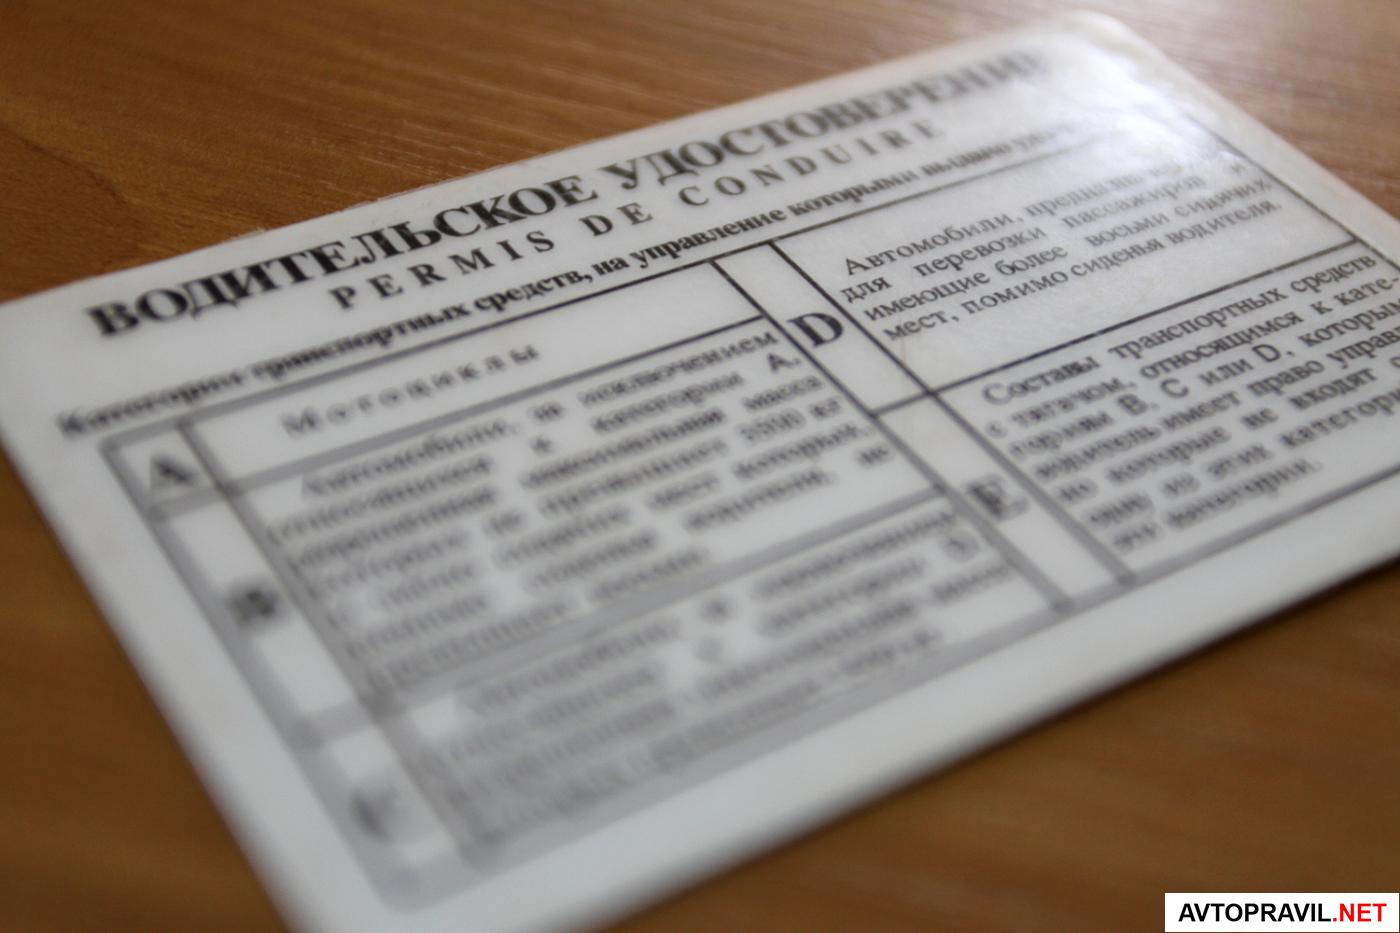 Водительское удостоверение, лежащее на столе